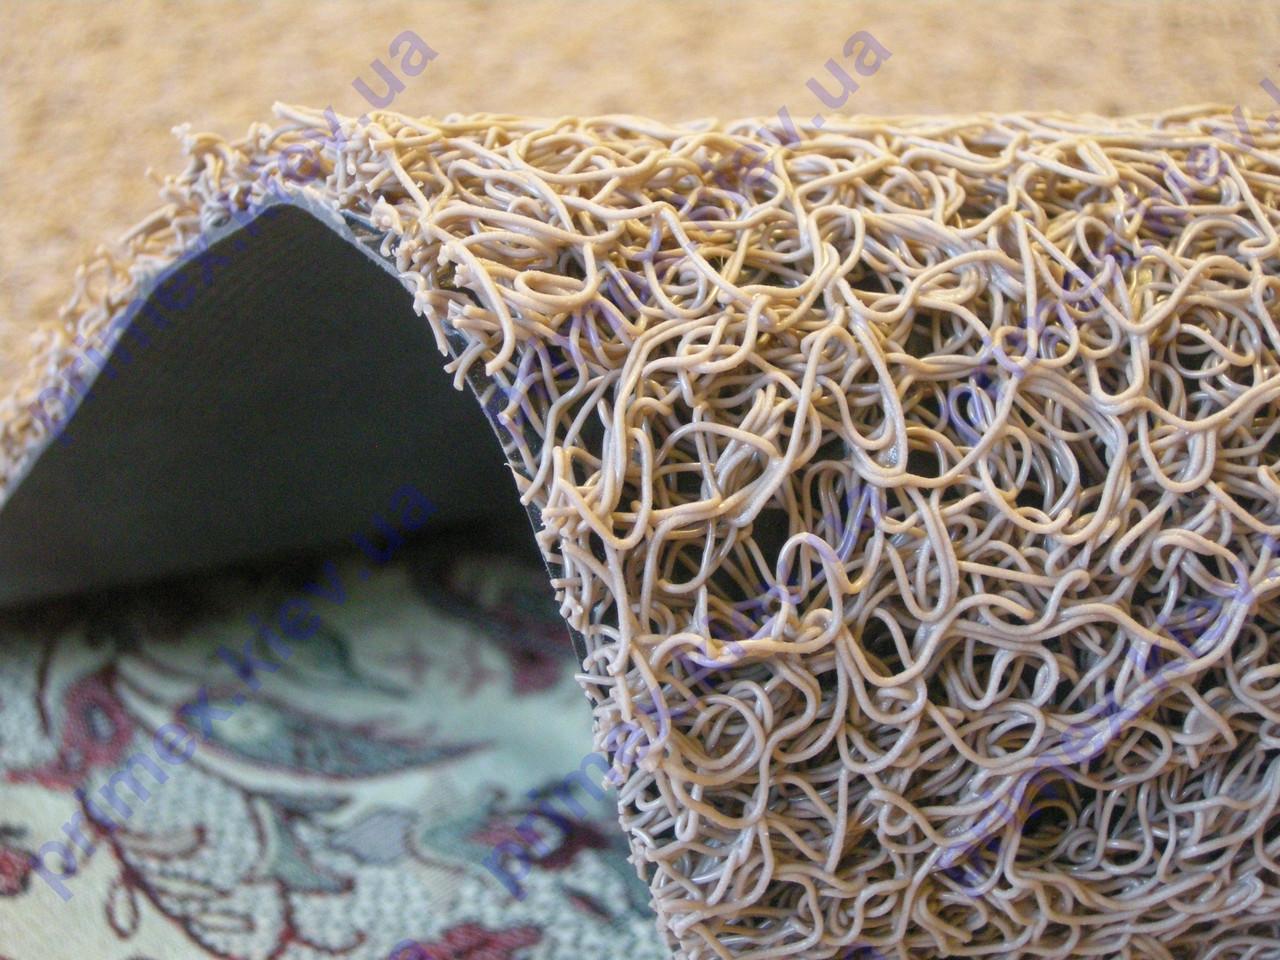 Коврик грязезащитный Петлевой 40х60см. цвет бежевый. Придверный коврик купить